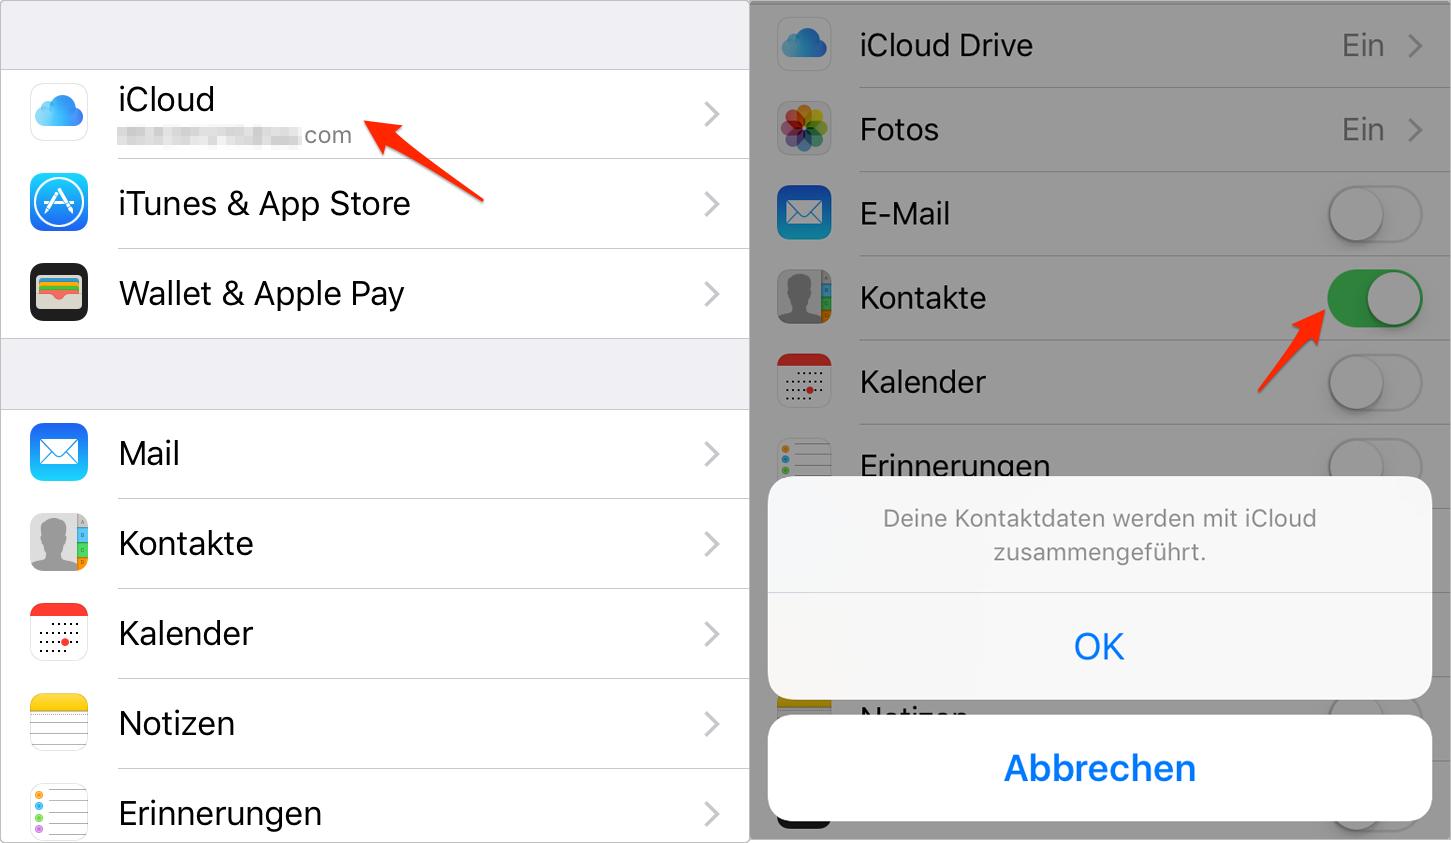 iCloud-Kontakte auf dem iPhone aktivieren – Schritt 1